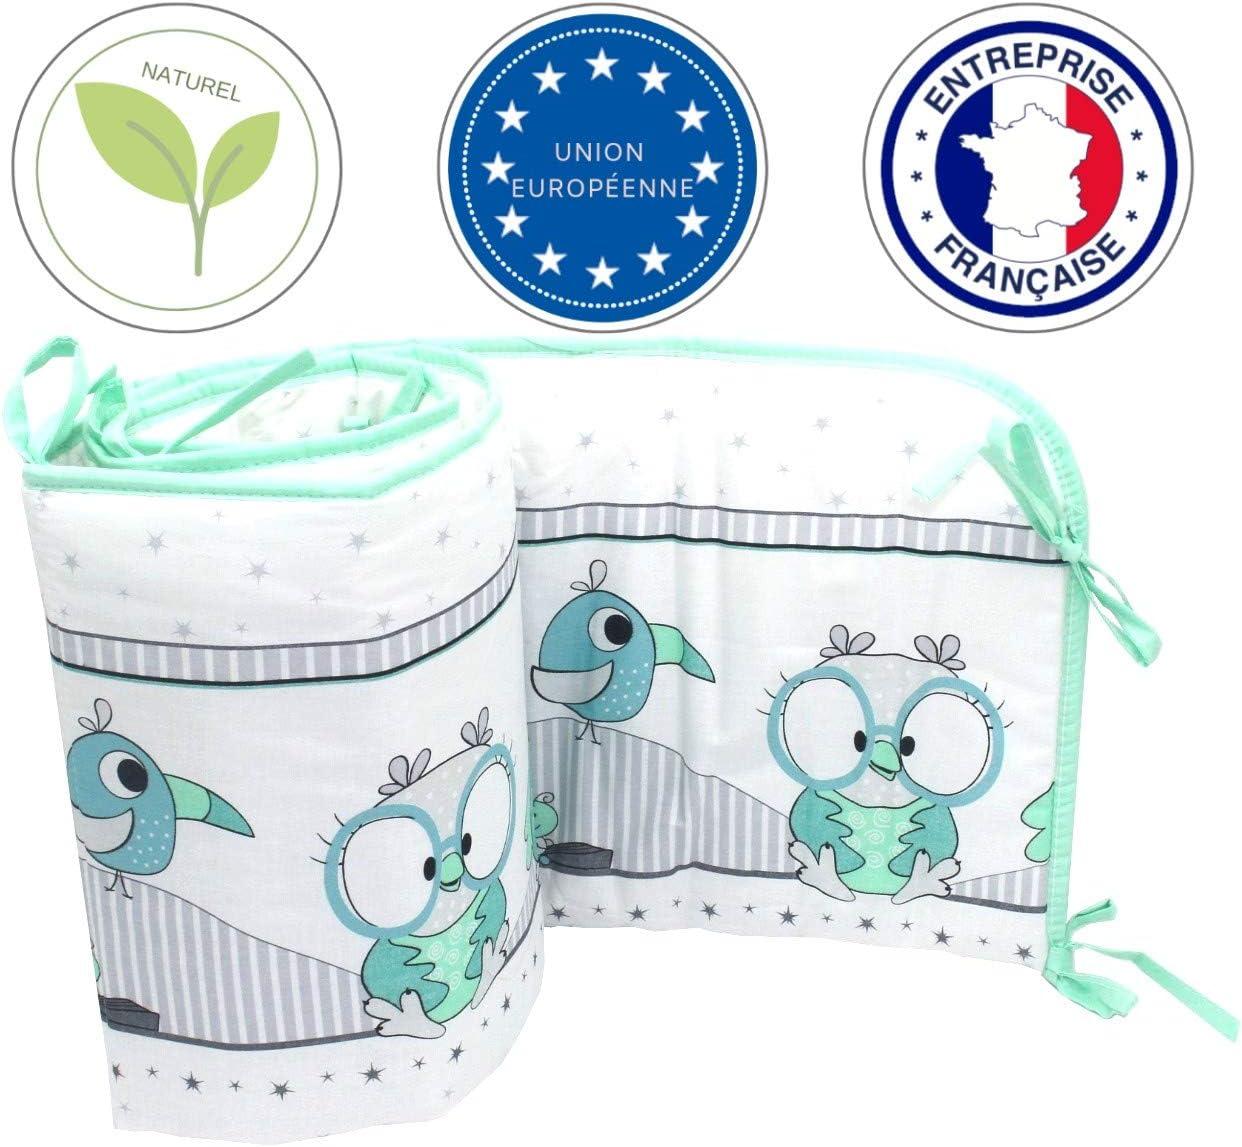 Callyna /® gigoteuse Set lit b/éb/é 3 pcs Tour de lit Pour coton sans colorant chimique 100/% Union Europ/éenne Chouette Vert Menthe Gris drap housse